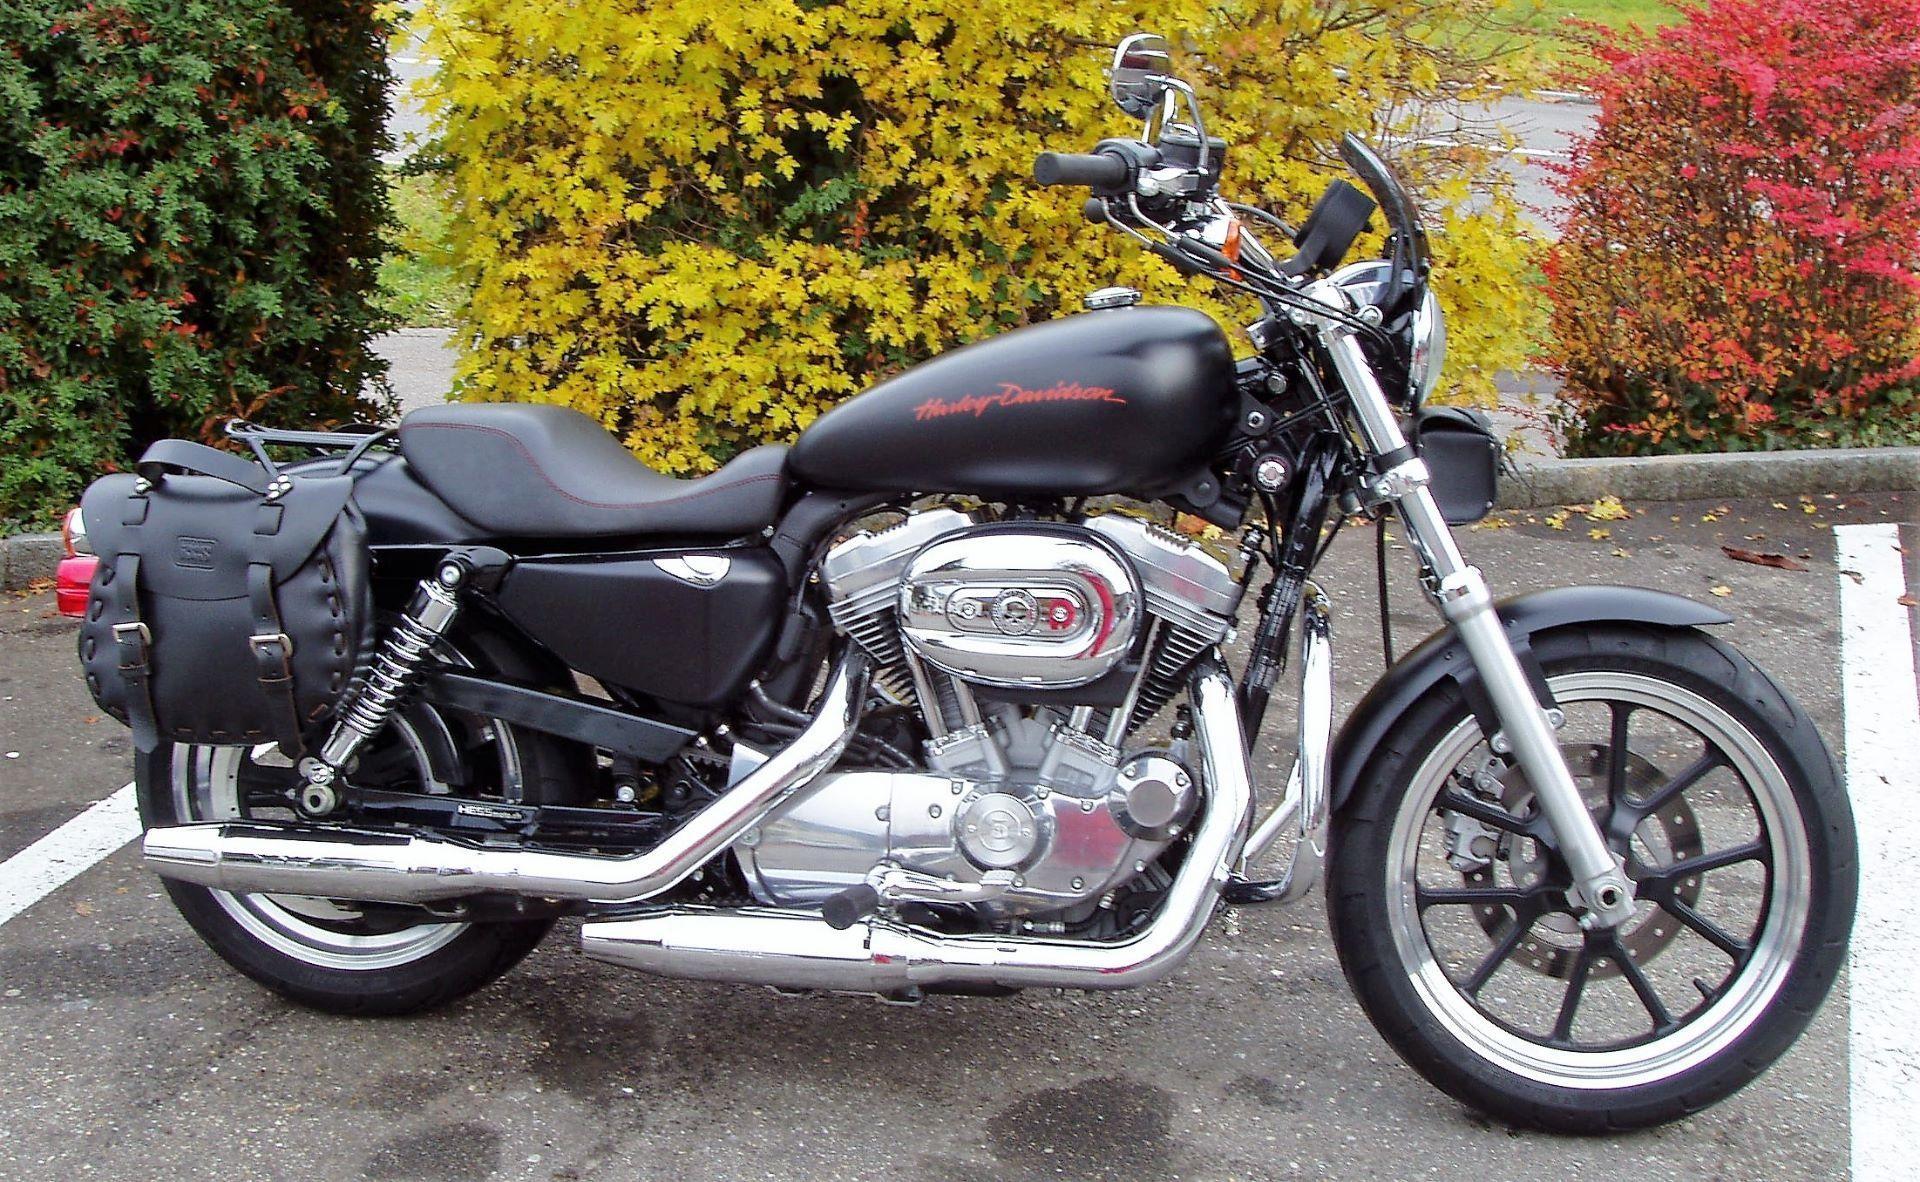 motorrad occasion kaufen harley davidson xl 883l sportster. Black Bedroom Furniture Sets. Home Design Ideas